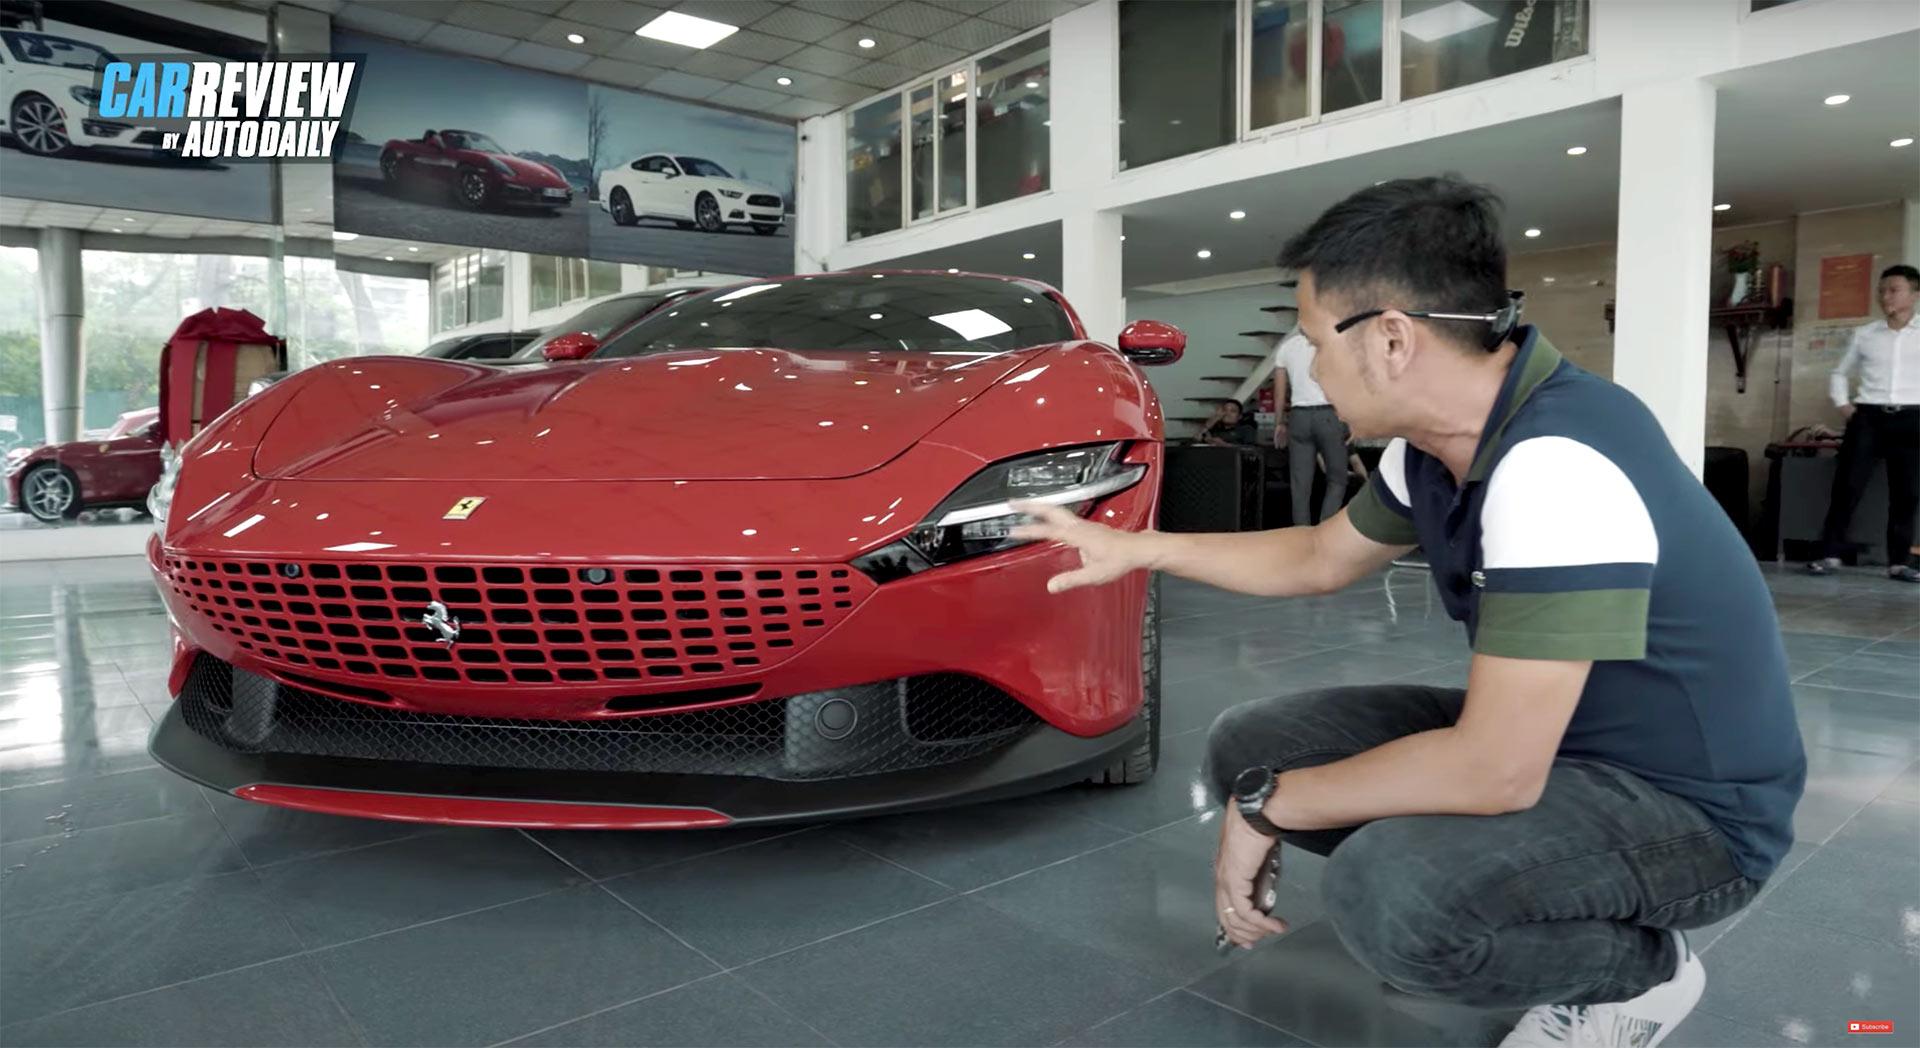 Bóc tem siêu phẩm Ferrari Roma đỏ Rosso triệu đô mới về Việt Nam